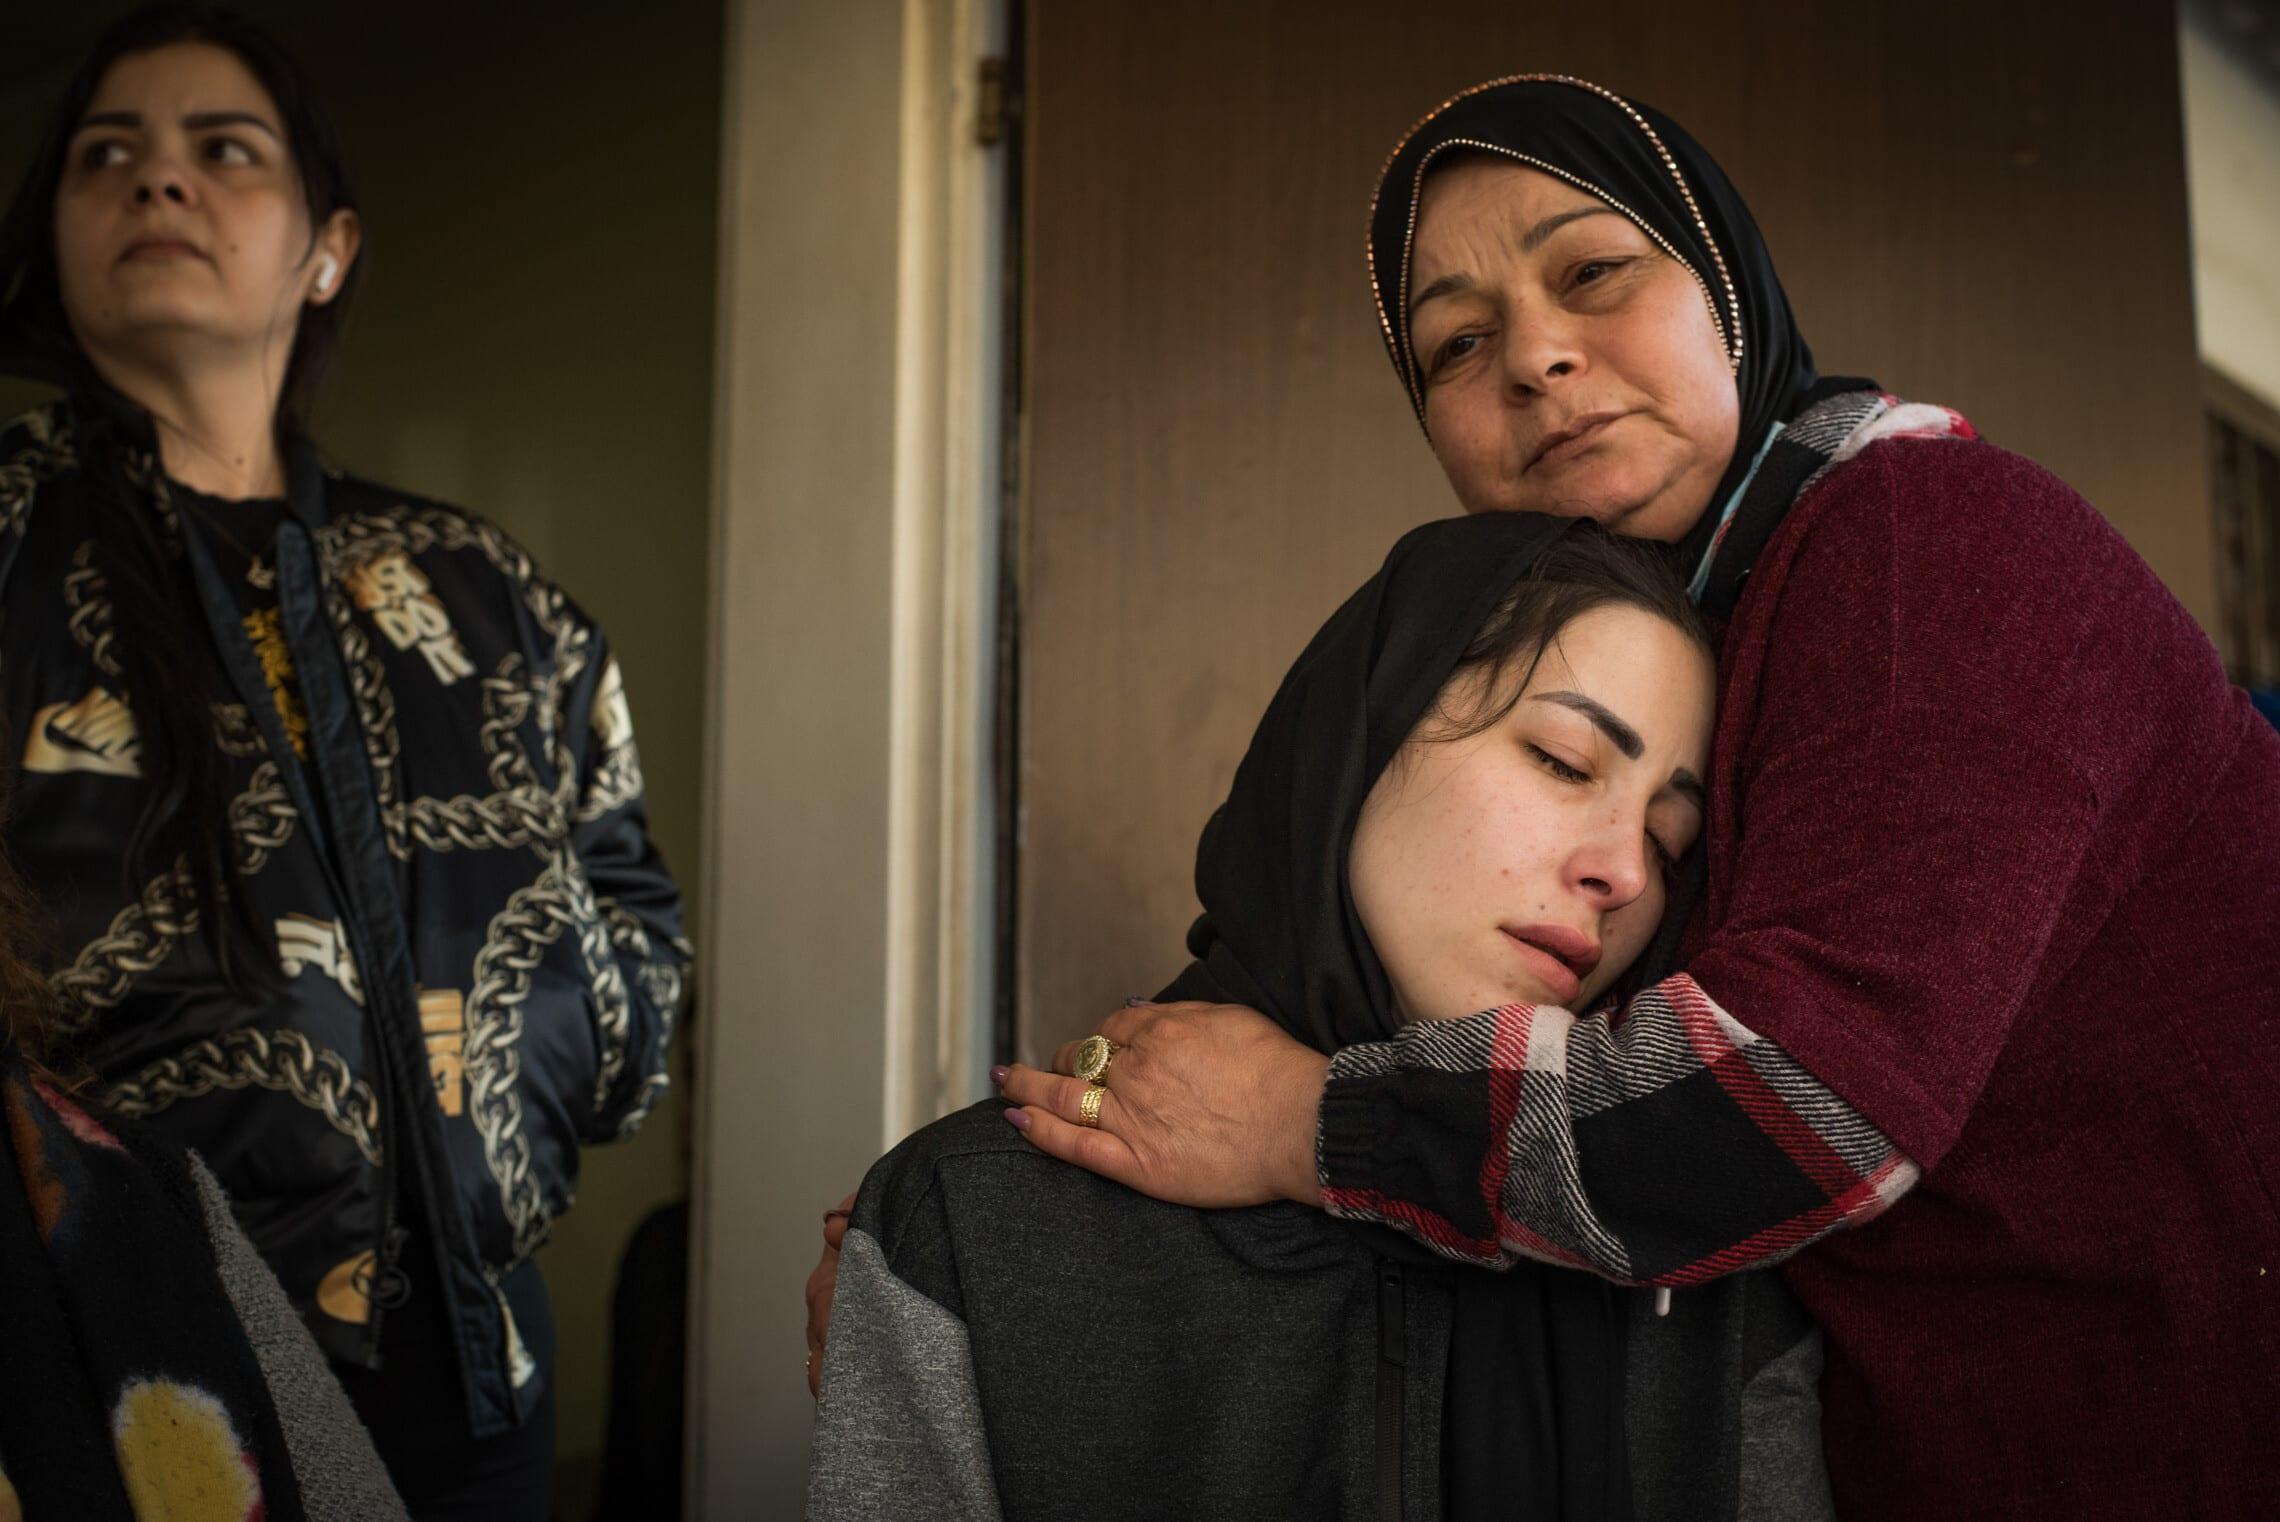 בני משפחתו האבלים של מוניר ענבאתווי, 30 במרץ 2021 (צילום: רוני עופר/פלאש90)